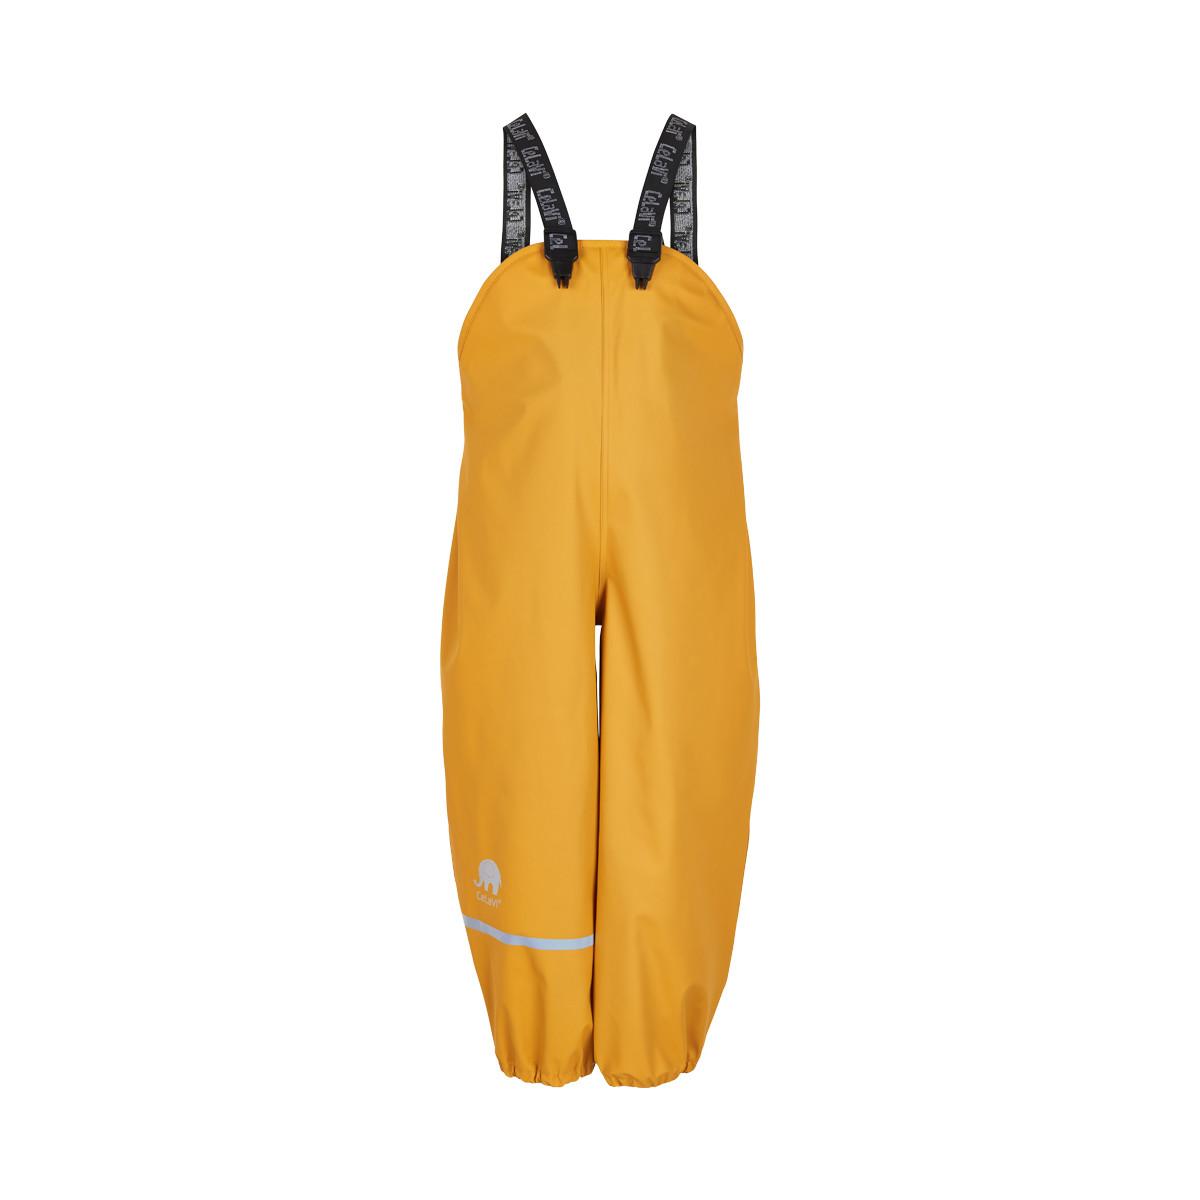 CeLaVi regntøj, yellow, 80